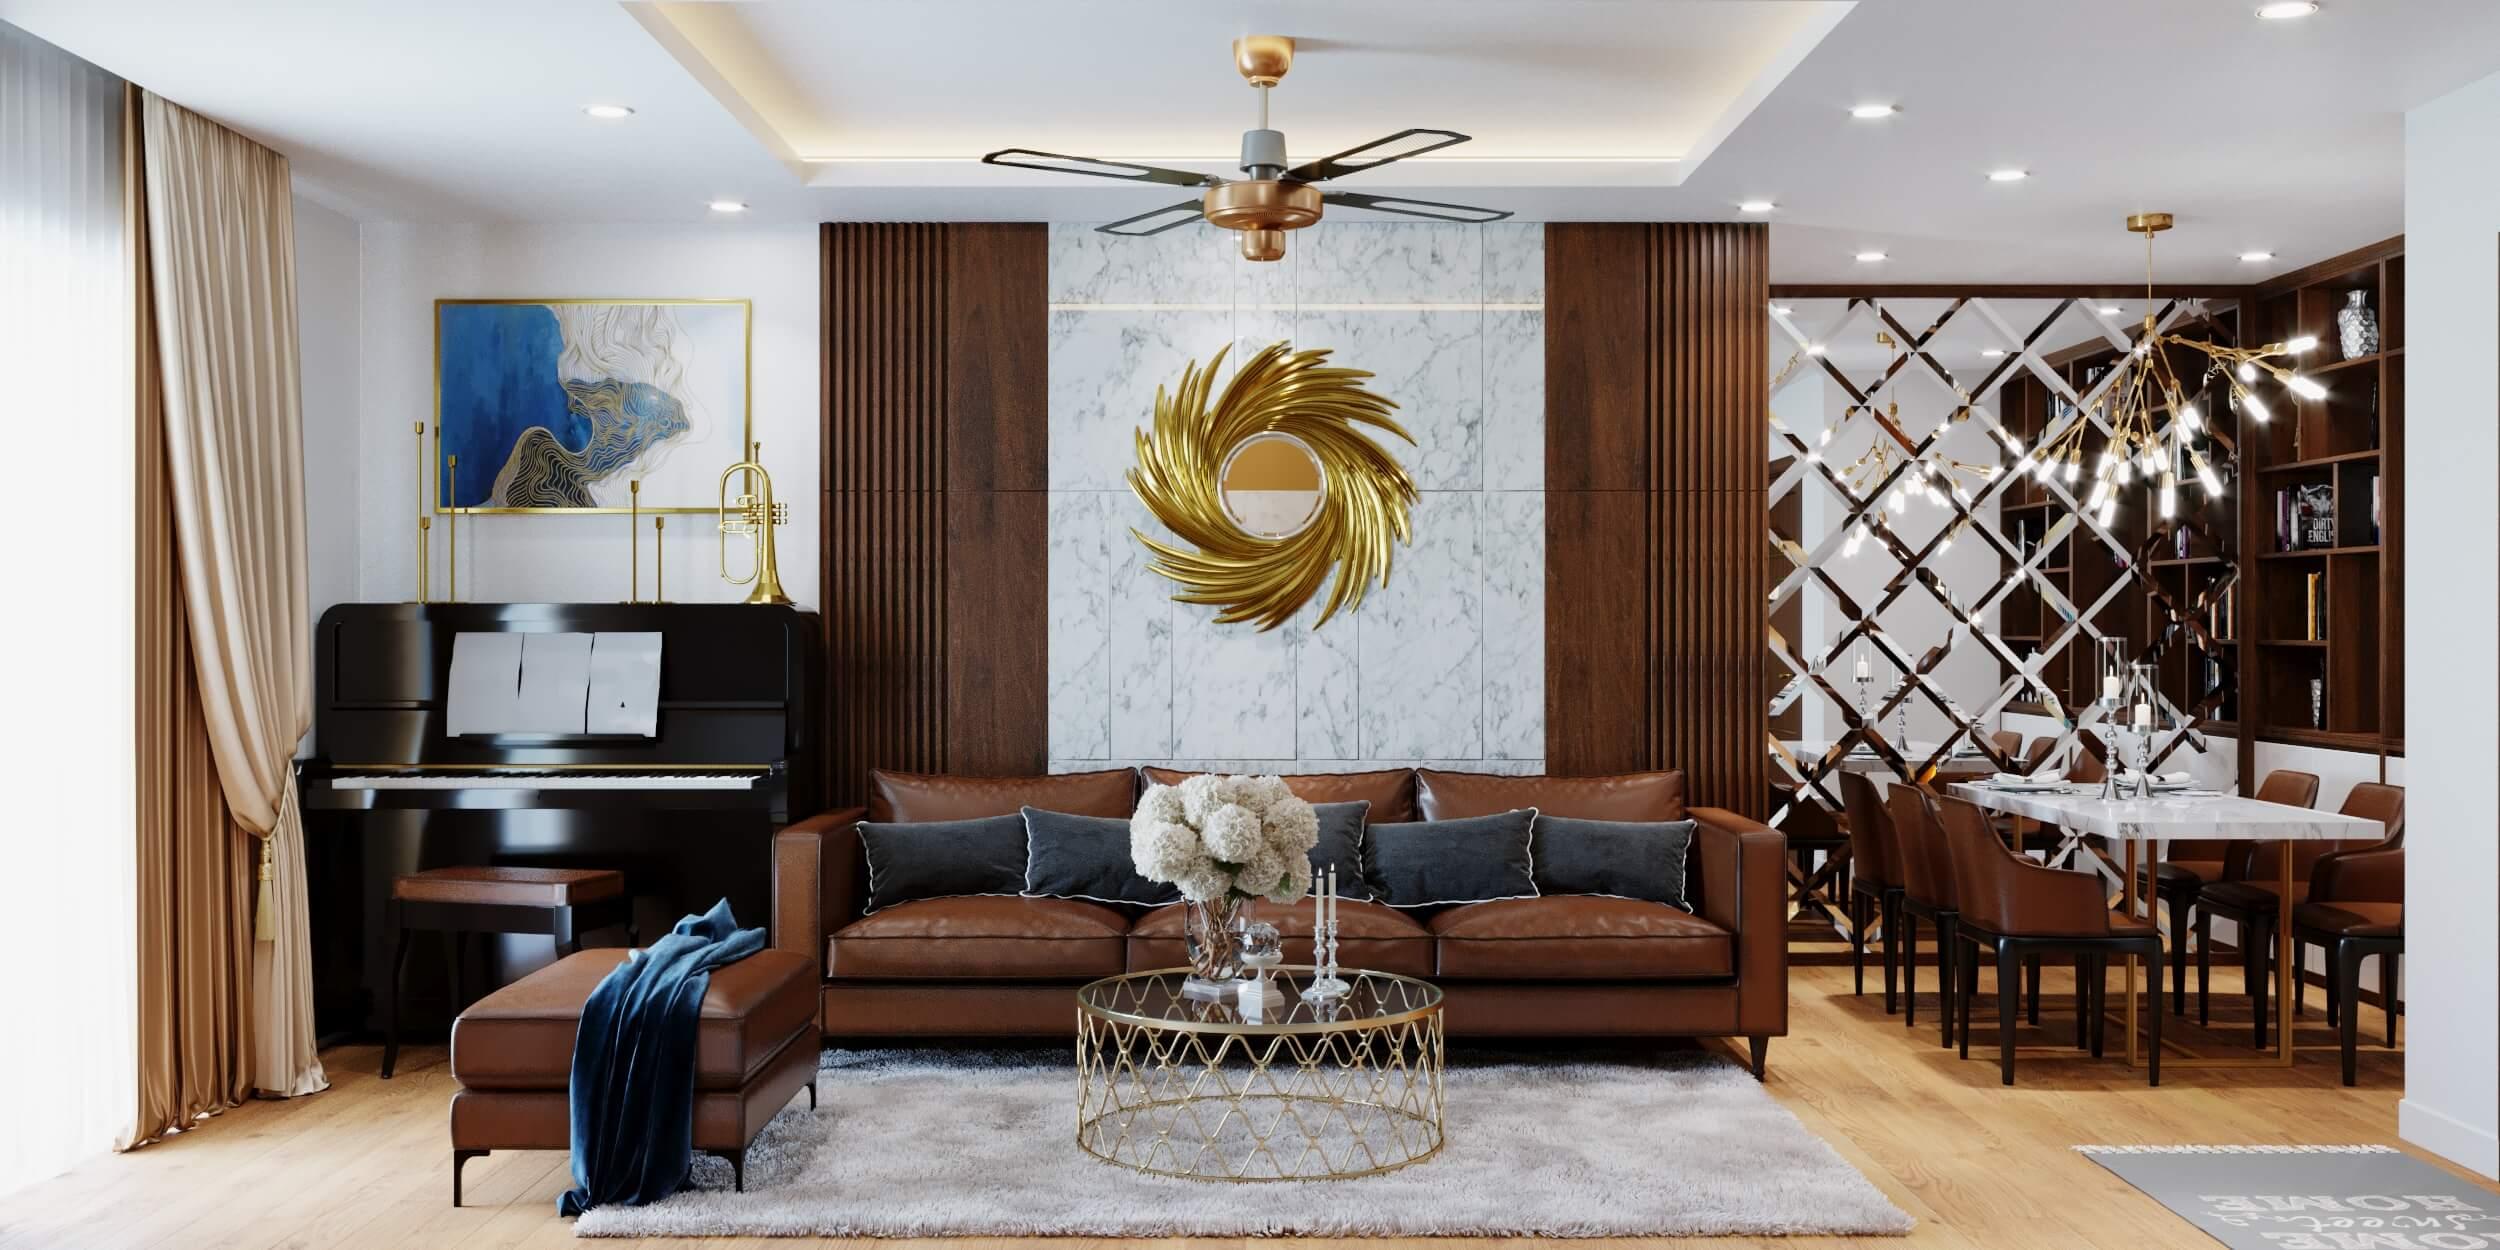 Thiết kế nội thất chung cư SEASON AVENNUE